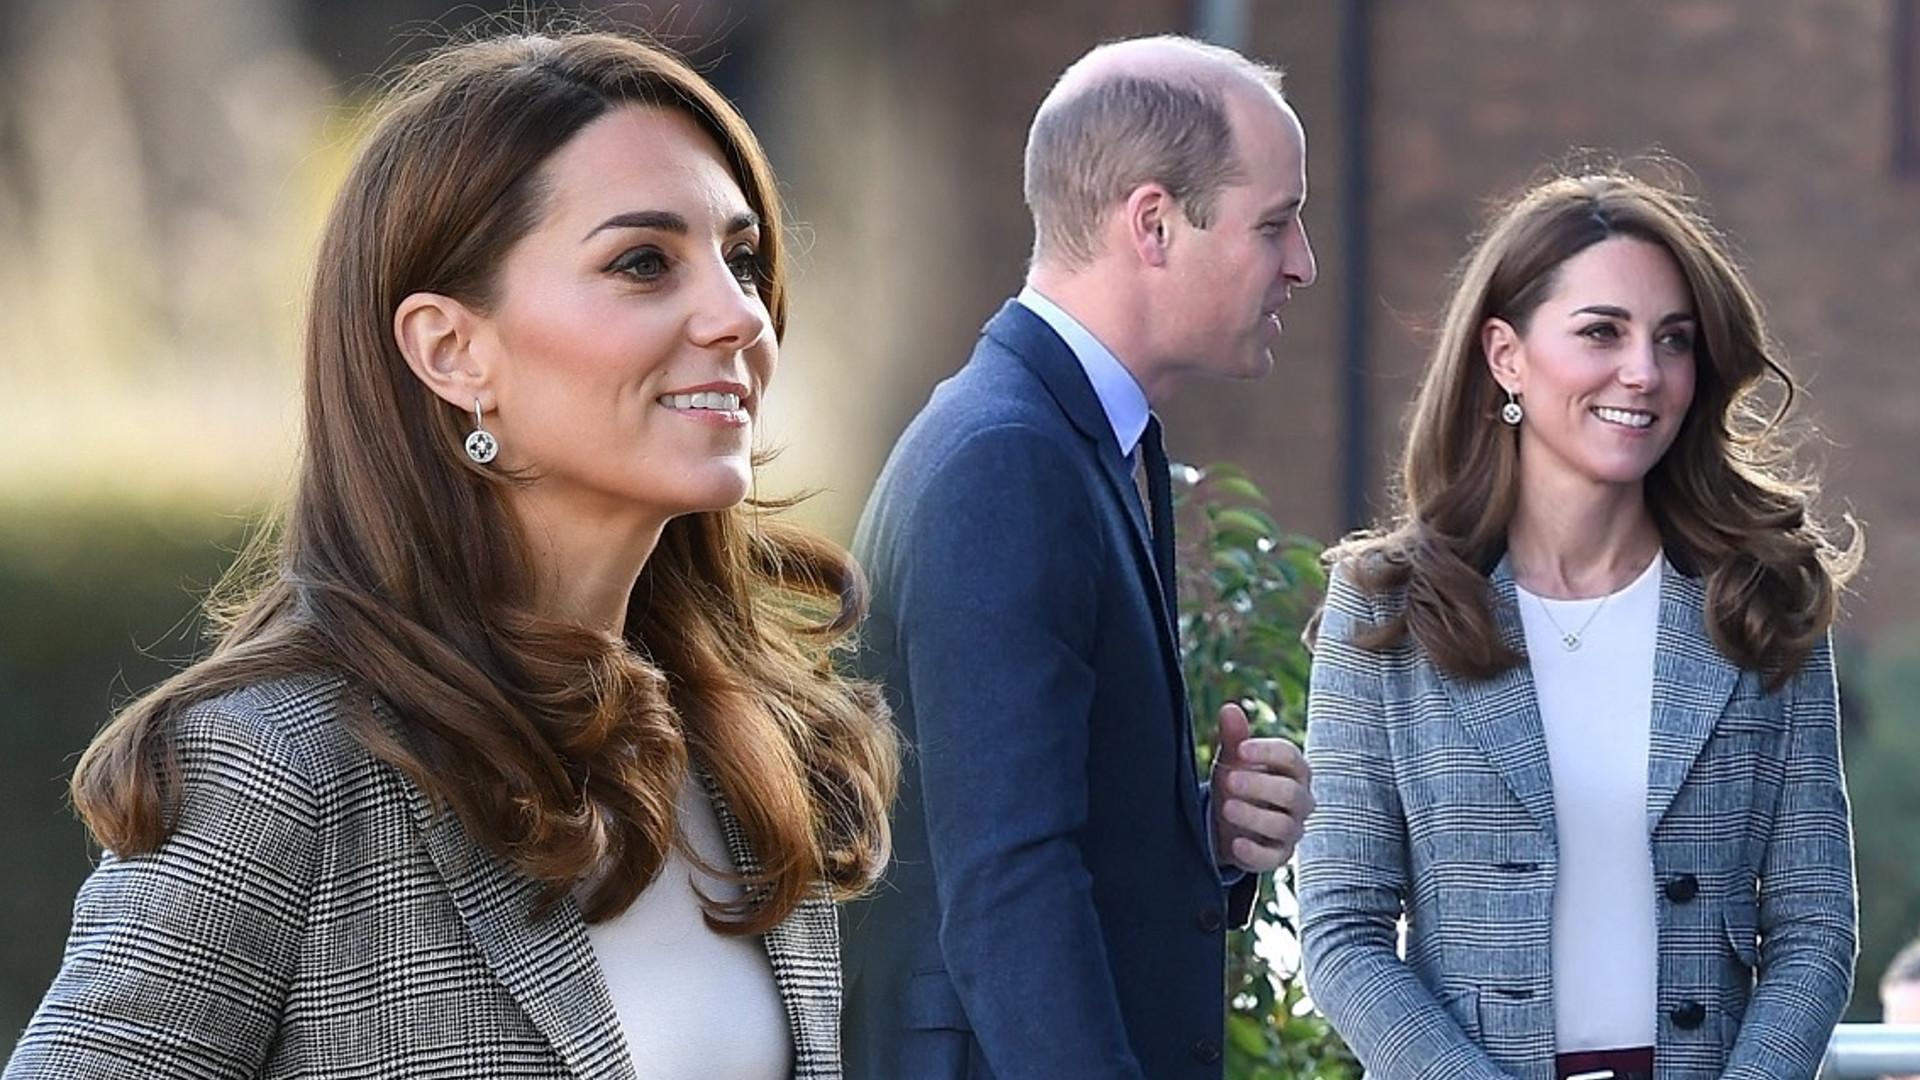 Księżna Kate prawie się przewróciła! Książę William szybko zareagował